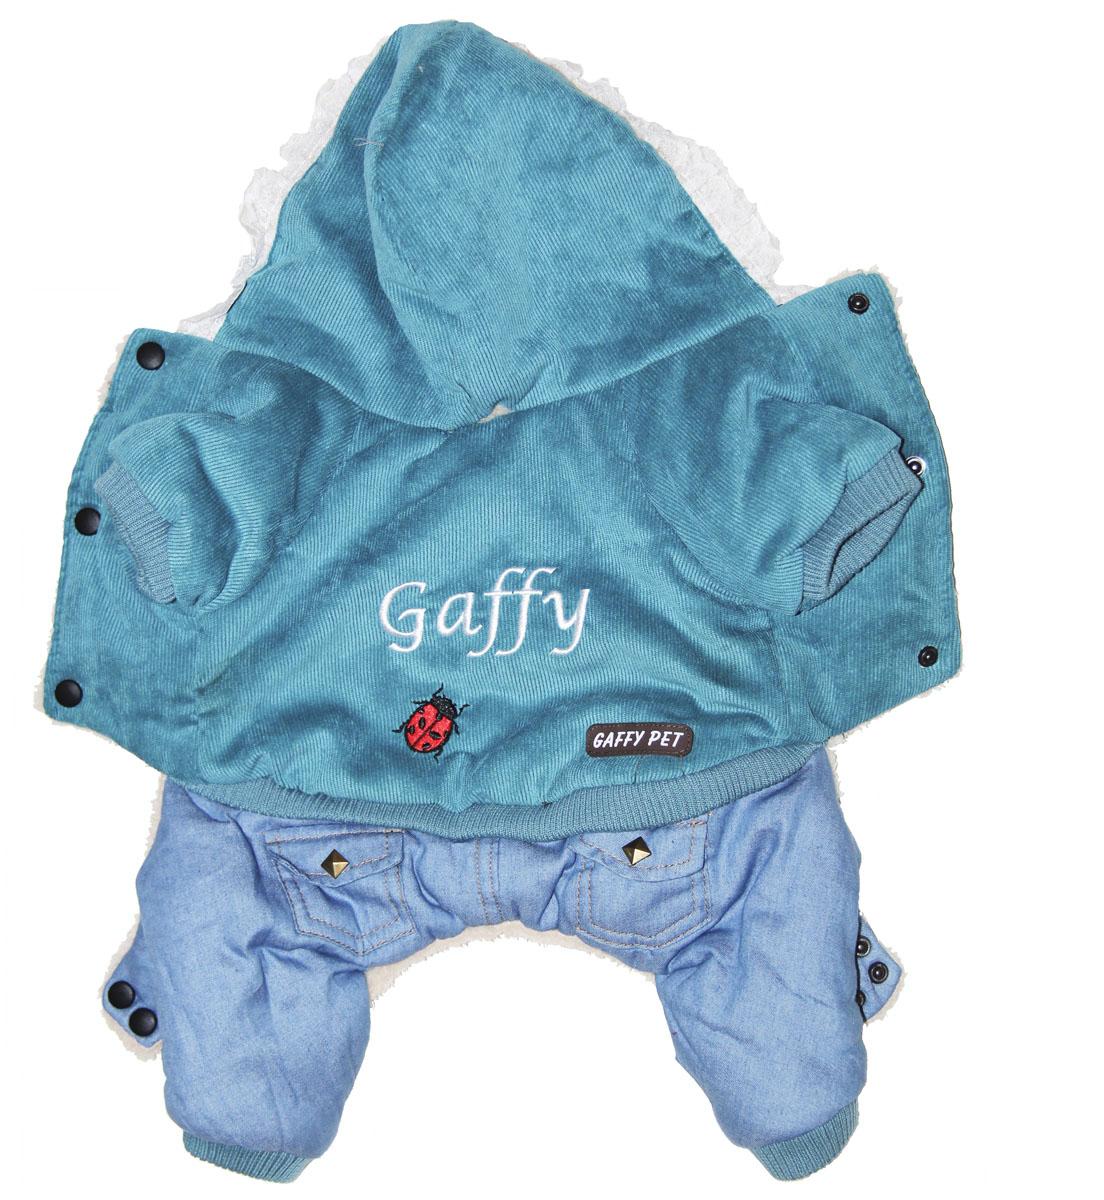 Комбинезон для собак Gaffy Pet Ladybird, зимний, для мальчика, цвет: голубой. Размер XS11010 XSКрасивая вельветовая курточка в сочетании с модным денимом Gaffy Pet Ladybird отлично подойдет на зиму.Все детали продуманы до мелочей. Капюшон отделан нежным кружевом. На стыке капюшона и спинки есть отверстие для поводка.Комбинезон внутри отделан теплым мехом для защиты от холода. Живот почти полностью закрыт, кроме необходимых для прогулок отверстий.На животе комбинезон фиксируется с помощью кнопок, а в нижней части живота есть 2 ряда кнопок для того, чтобы комбинезон точно сел по фигуре.Дополнительно комбинезон снабжен резинками на рукавах и штанинах для лучшей защиты от снега и холода.Затейливая вышивка и оригинальные кнопки добавят собачке индивидуальности.Данные модели комбинезонов с закрытым животом были запатентованы как полезная модель. Патент # 2014125392. Обхват шеи: 20 см.Обхват груди: 35 см.Длина спины: 22 см.Одежда для собак: нужна ли она и как её выбрать. Статья OZON Гид